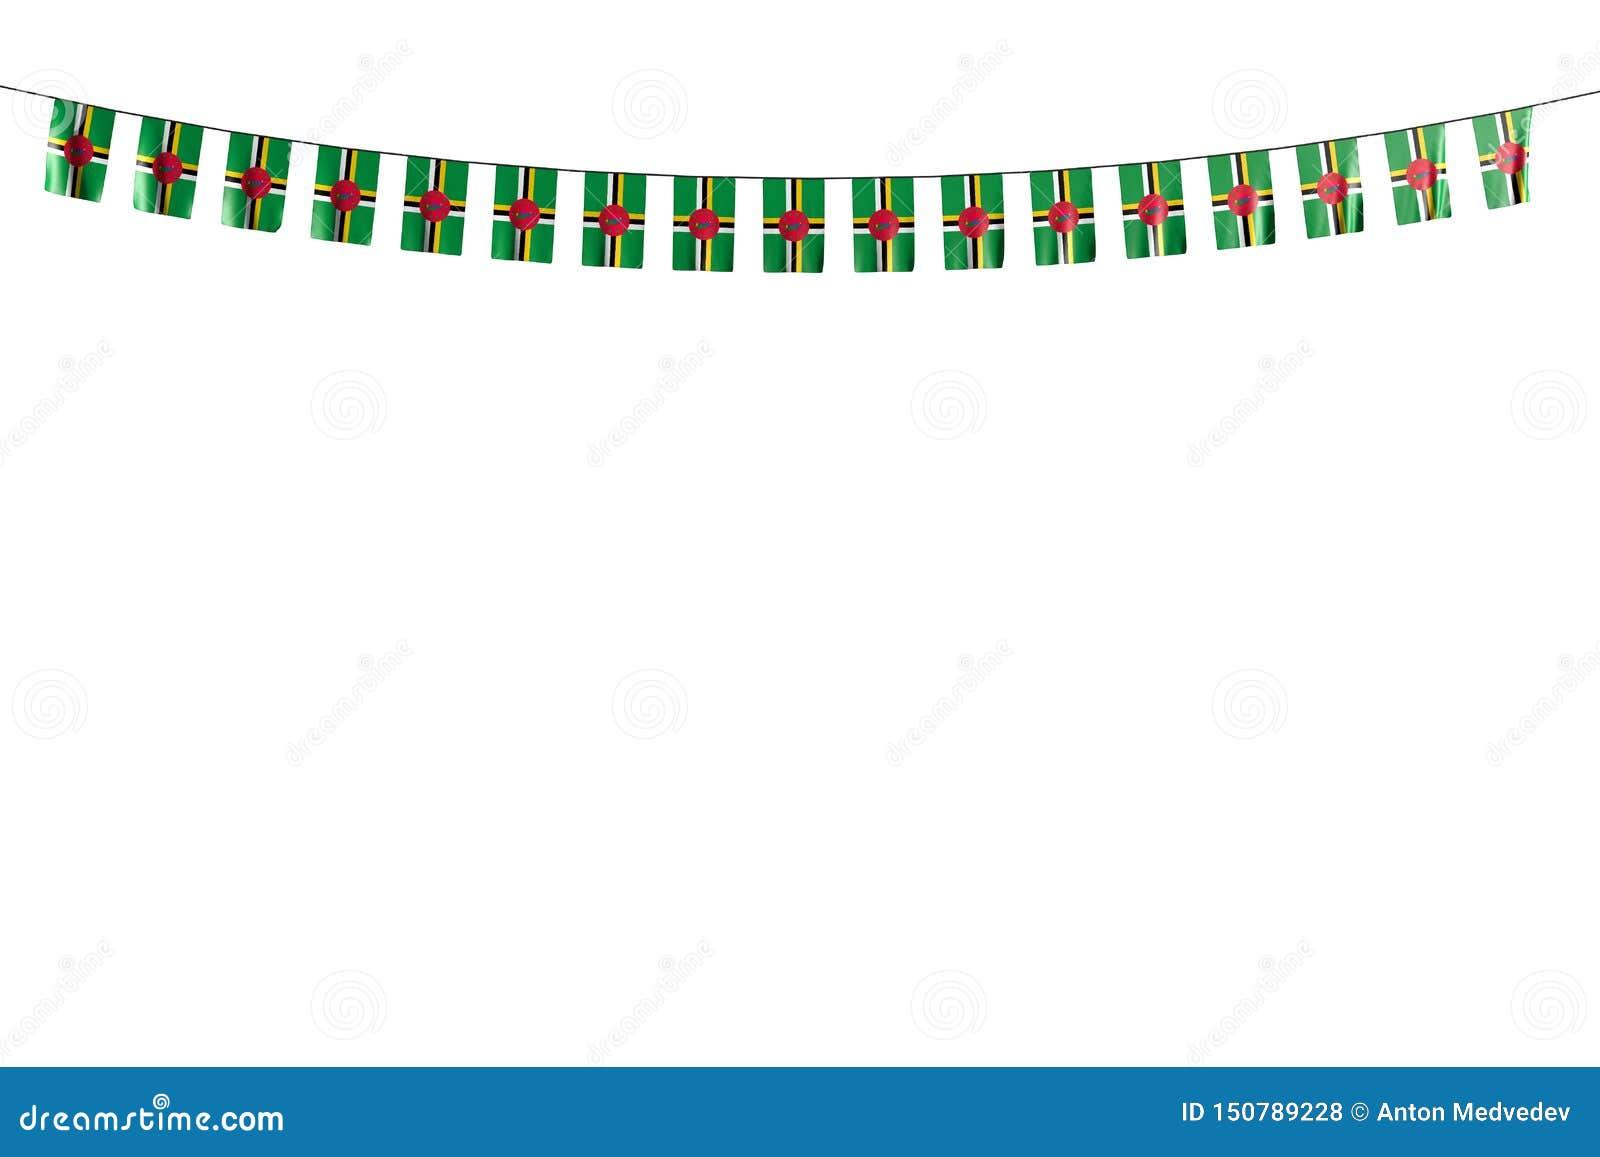 Όμορφη τρισδιάστατη απεικόνιση σημαιών διακοπών - πολλά σημαίες ή εμβλήματα της Δομίνικας κρεμούν στη σειρά που απομονώνεται στο